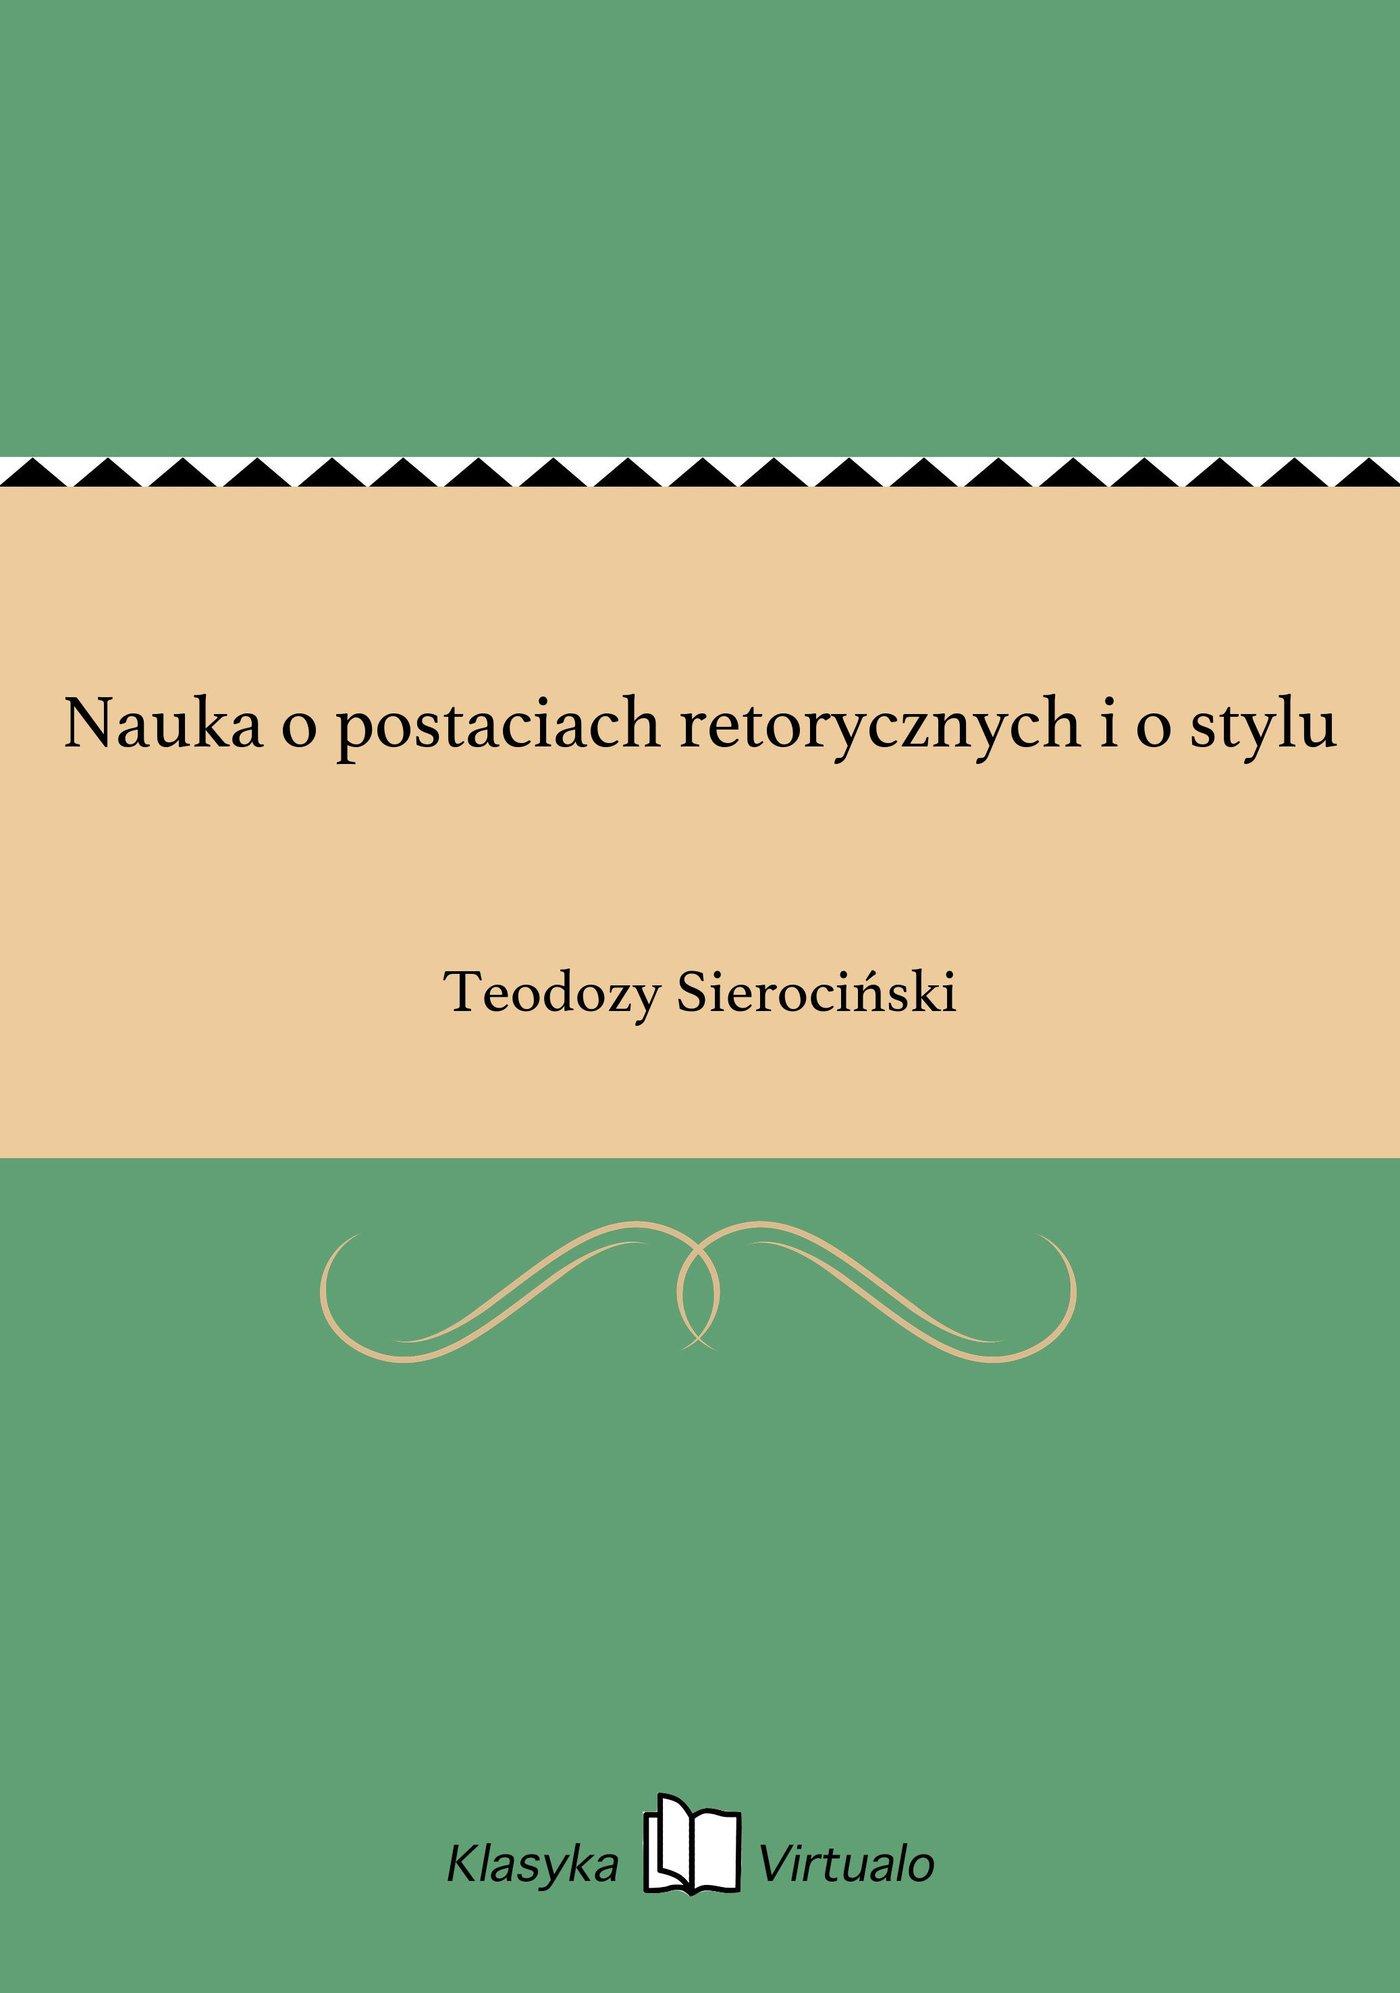 Nauka o postaciach retorycznych i o stylu - Ebook (Książka EPUB) do pobrania w formacie EPUB